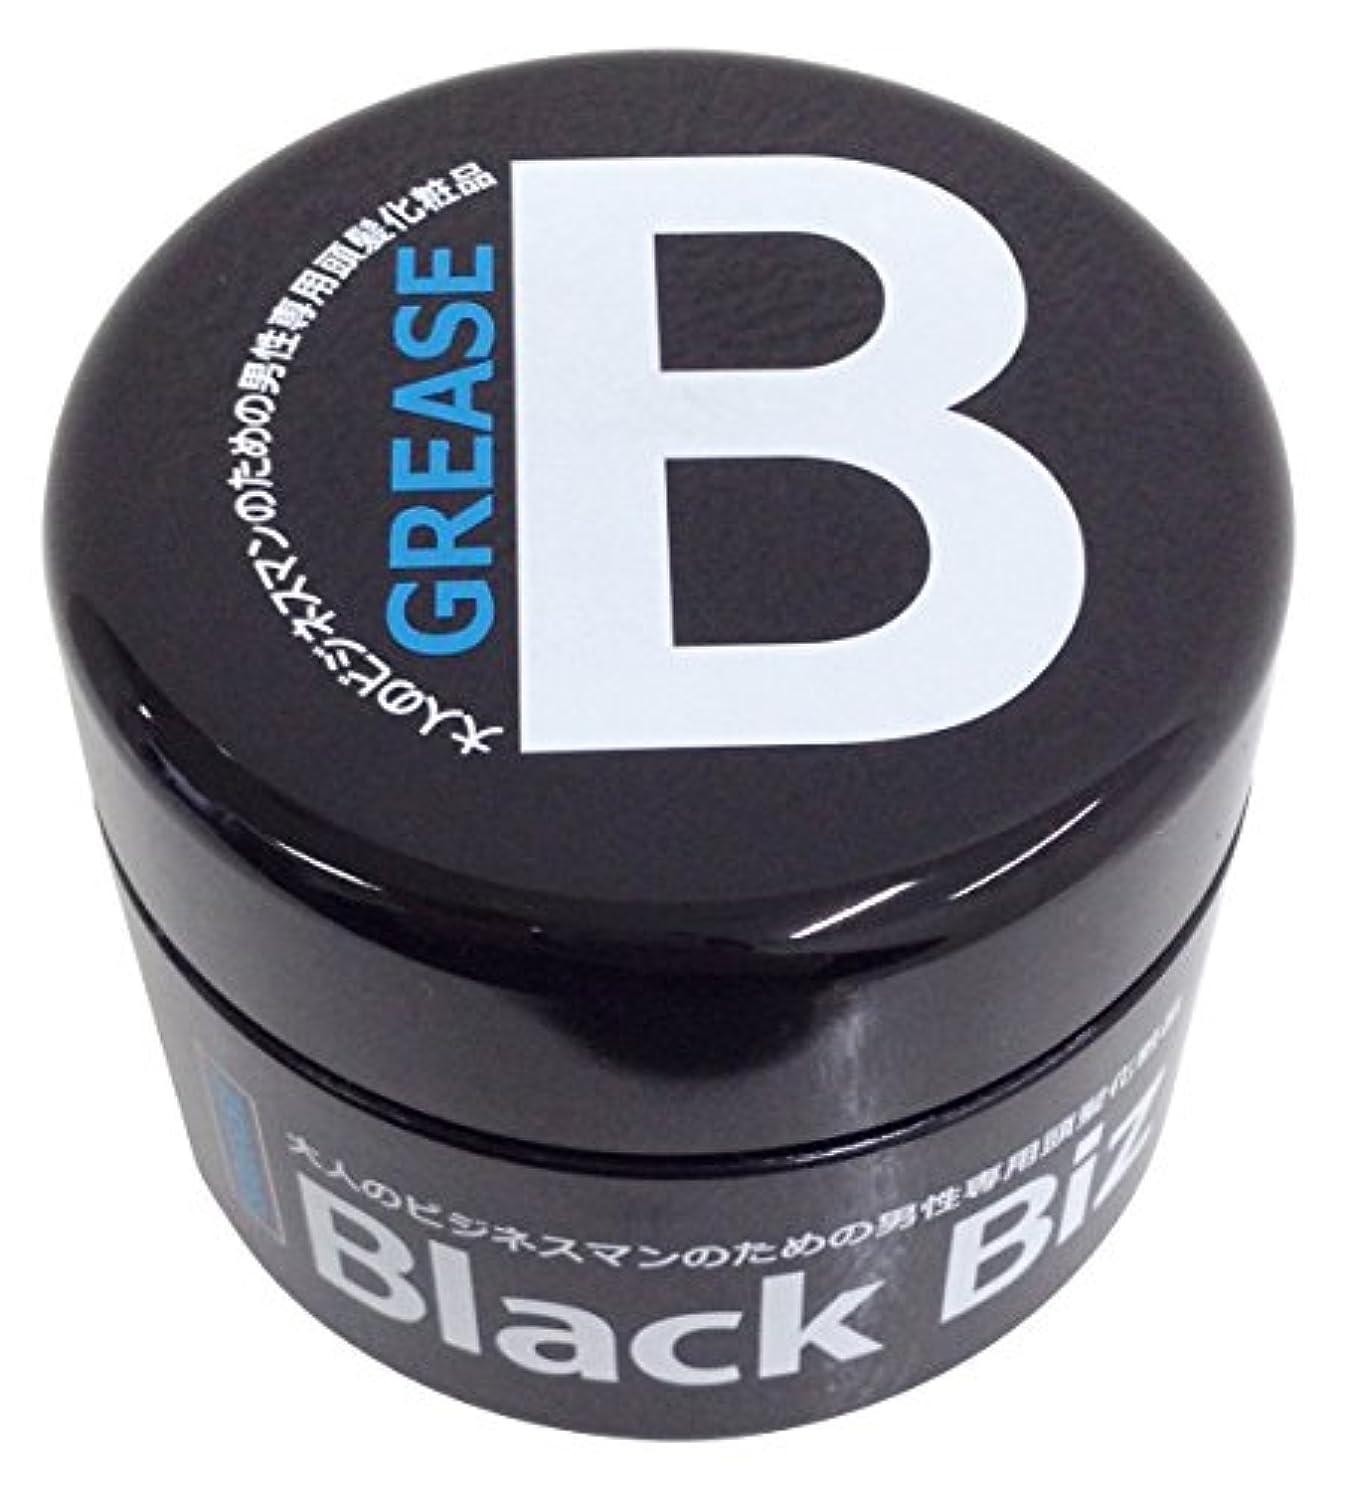 拡声器防水混乱させる大人のビジネスマンのための男性専用頭髪化粧品 BlackBiz GREASE SOFT ブラックビズ グリース ソフト